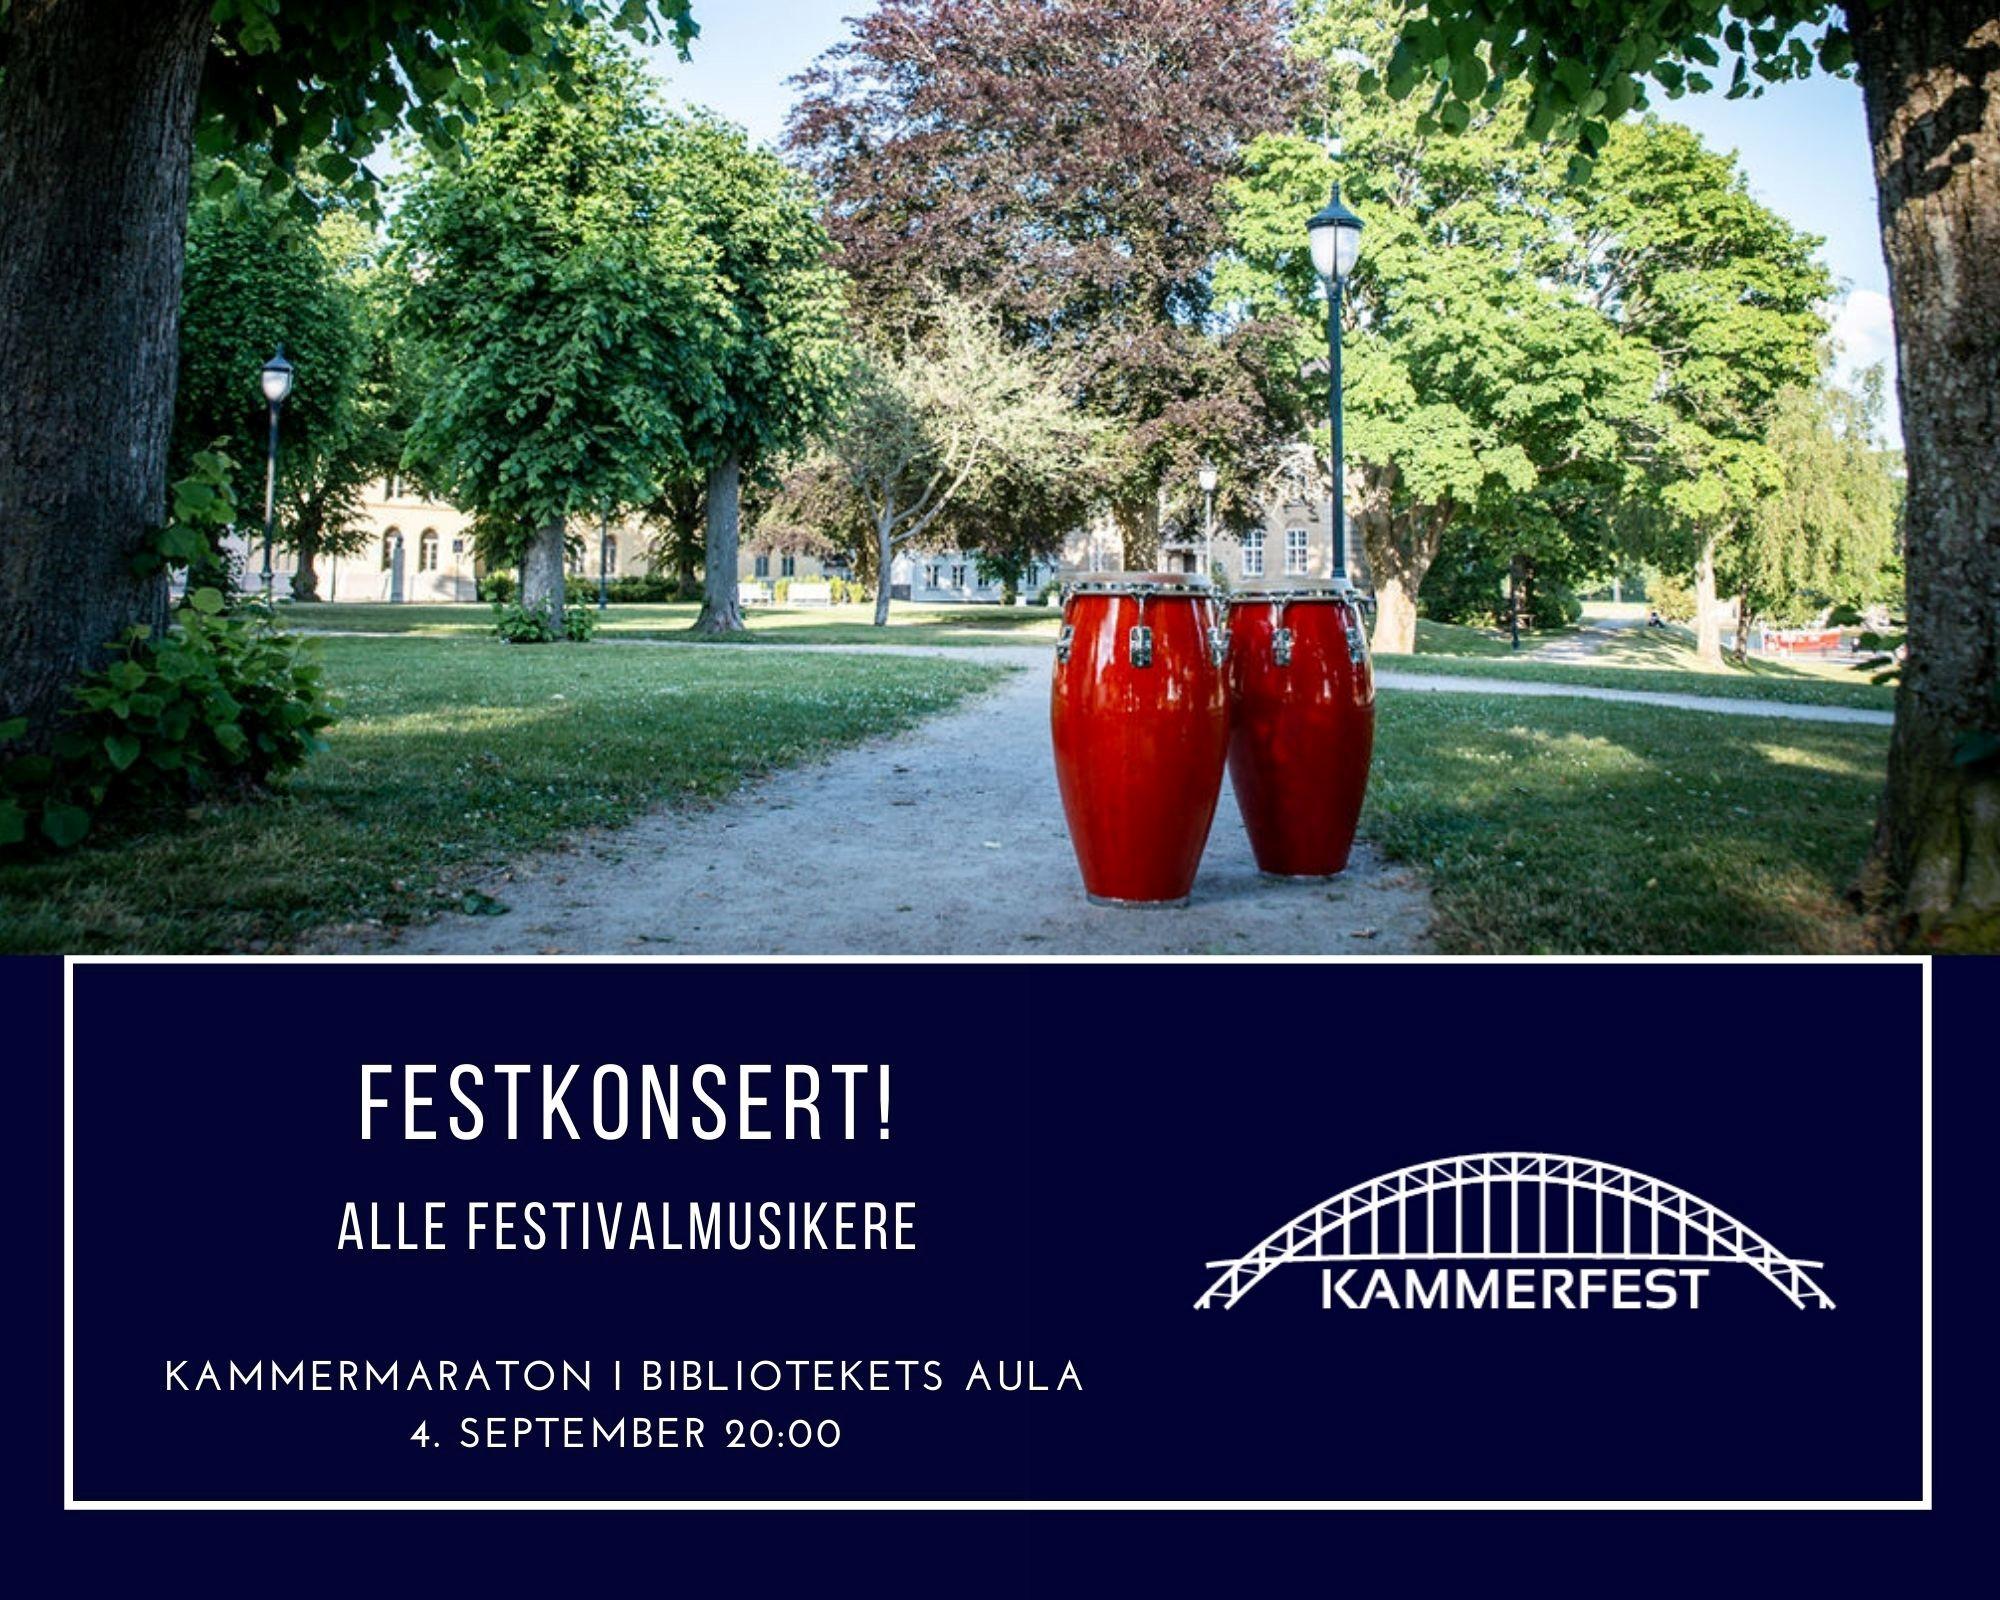 Festkonsert